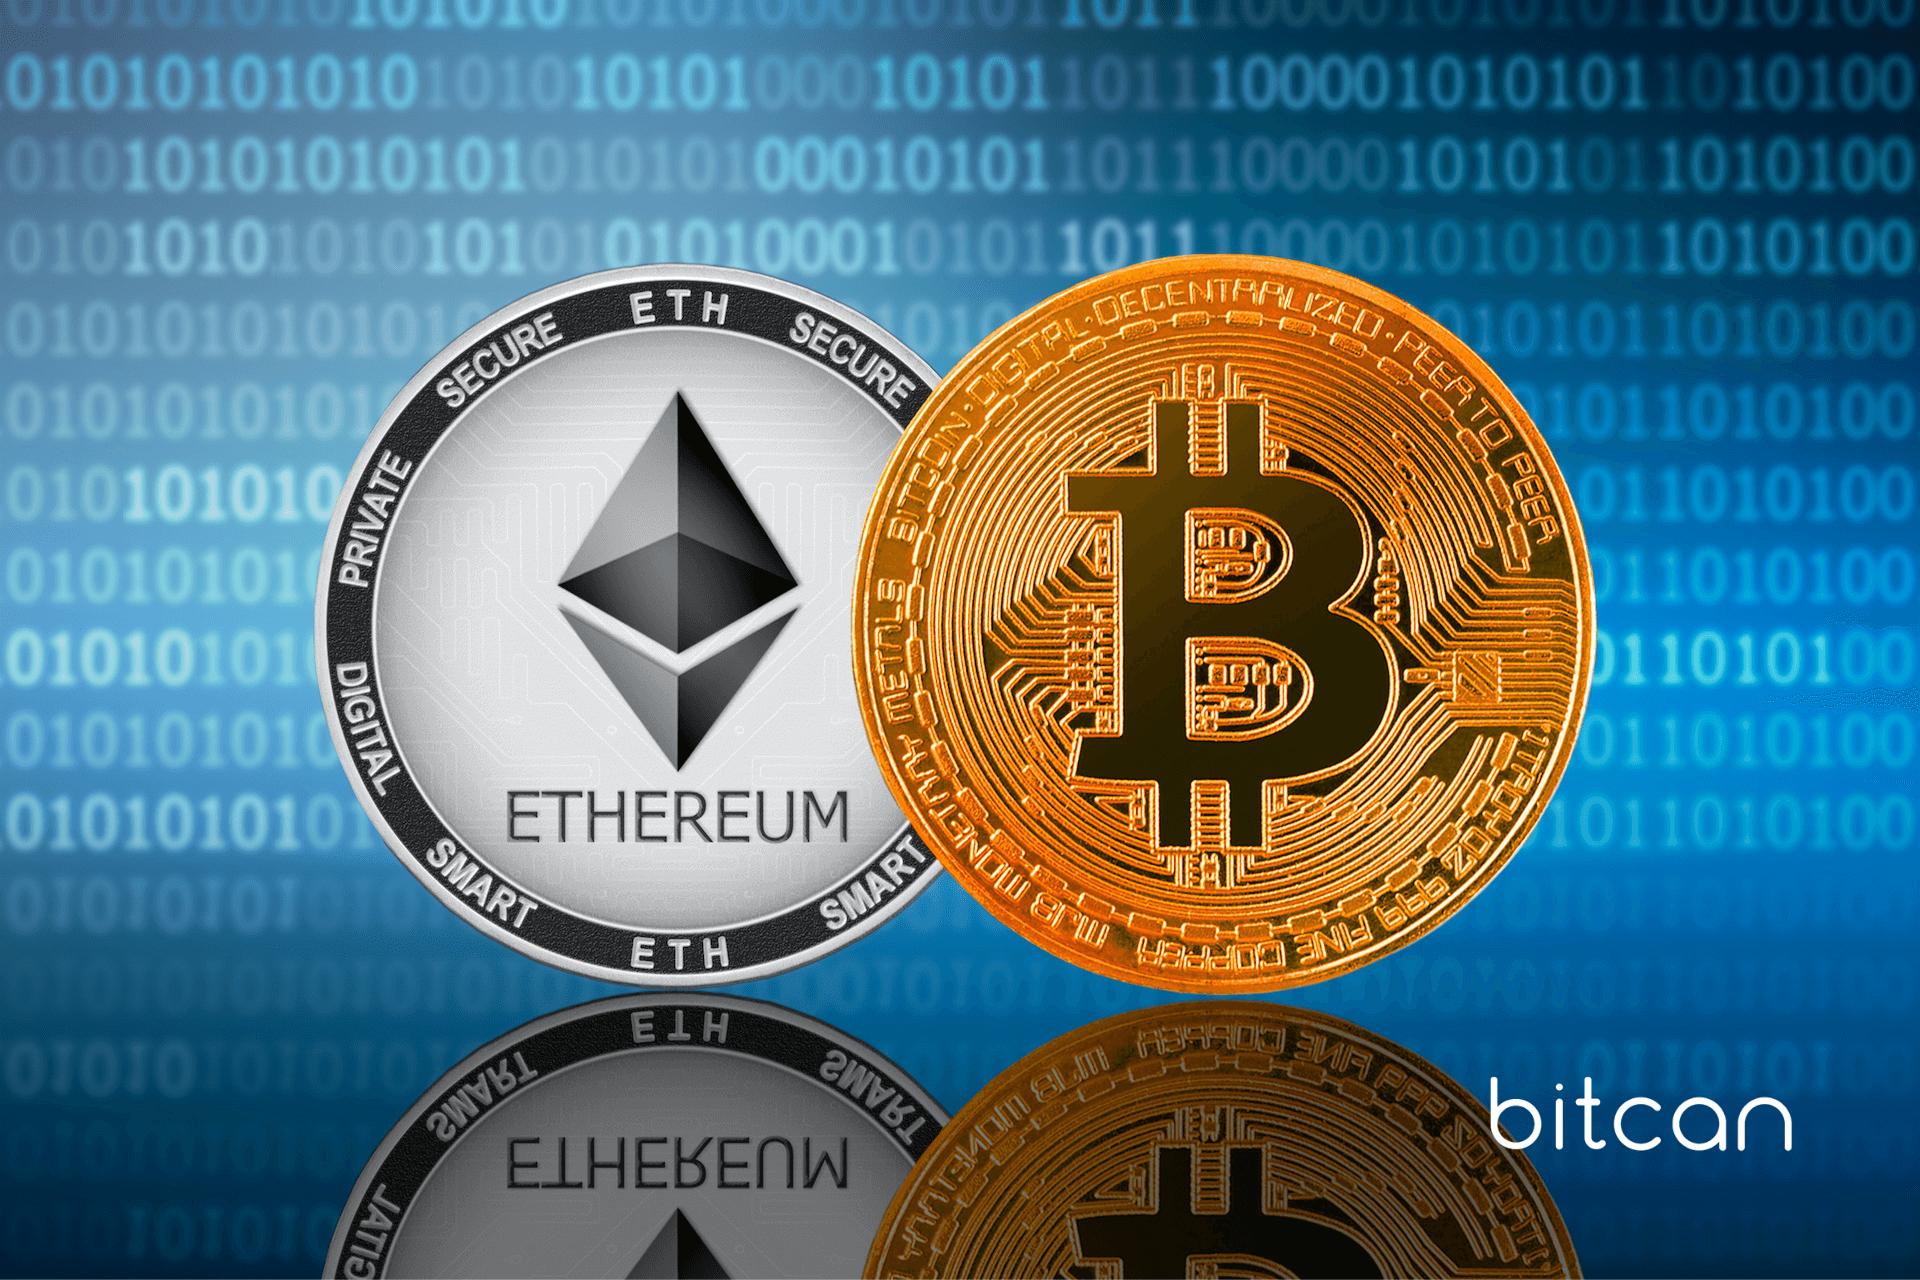 Bitcoin po 100 tys. dol. w tym roku? Ether ma wyprzedzić BTC